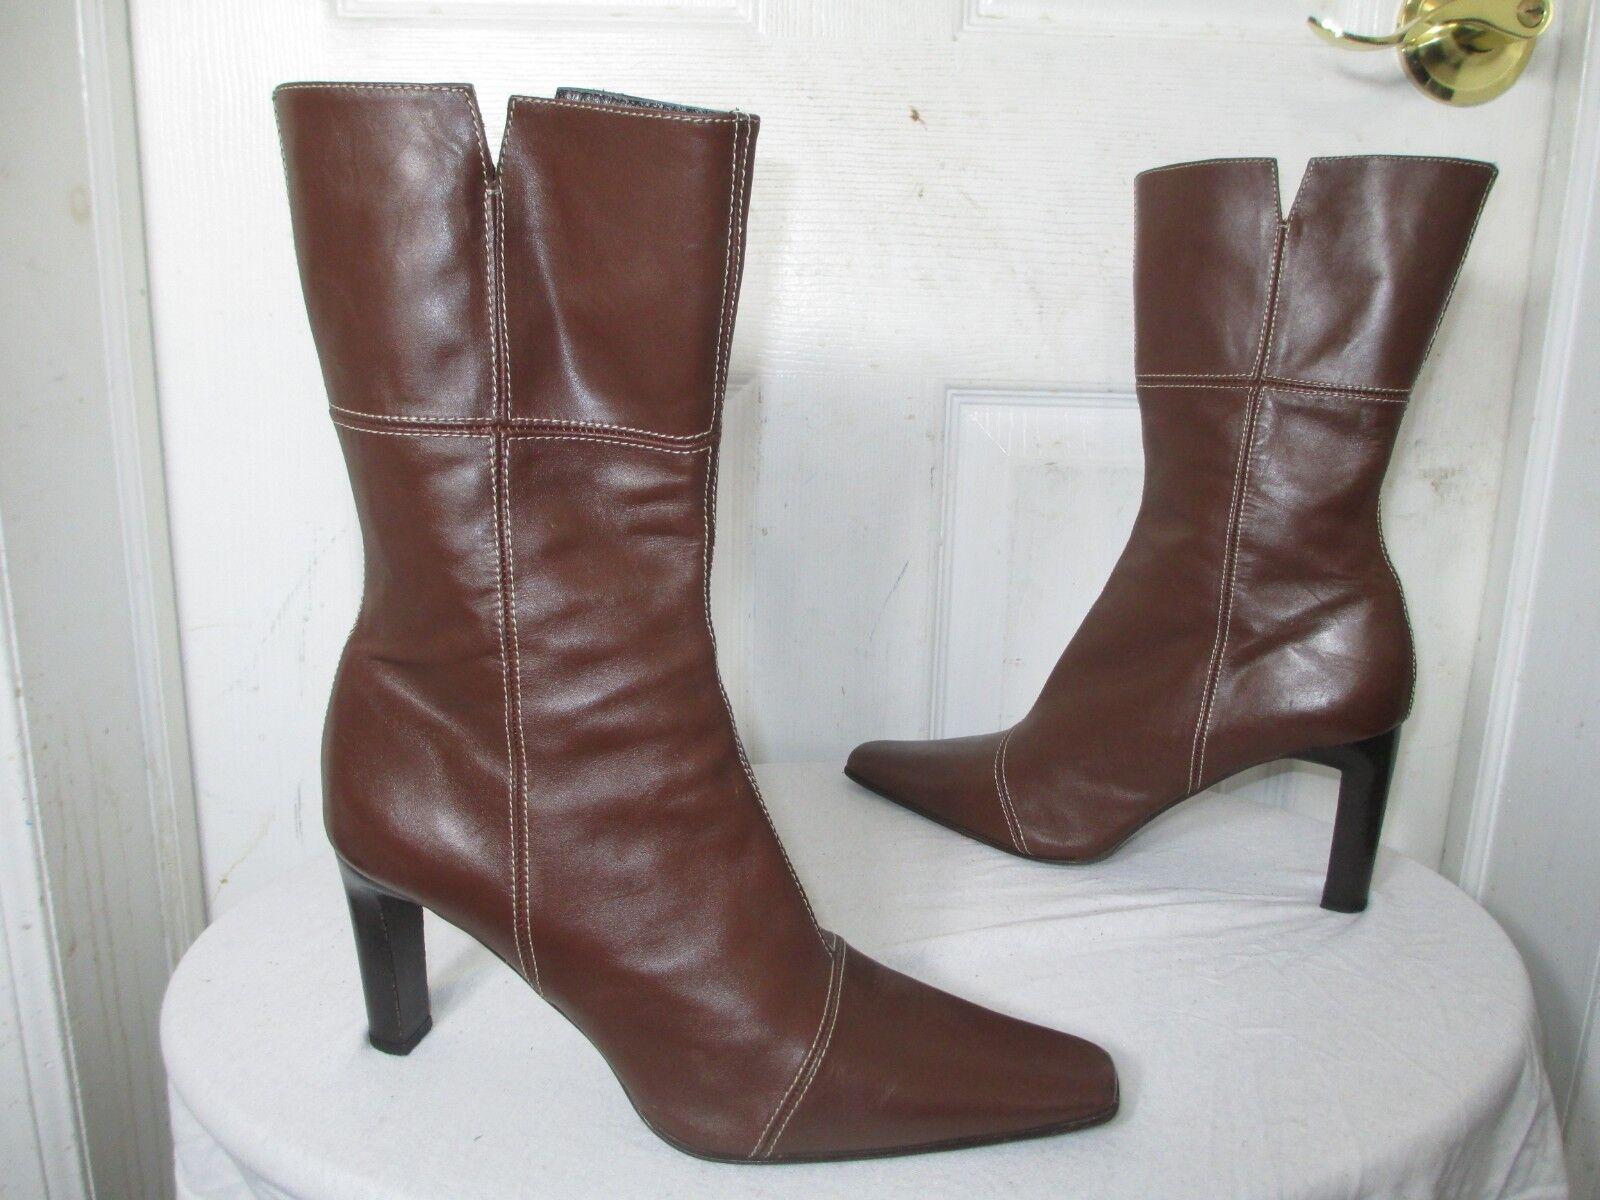 ENZO di Siena para Mujer Marrón Marrón Marrón Cuero Tacón mitad de la pantorrilla cremallera botas 41 US 10 Made in   buen precio